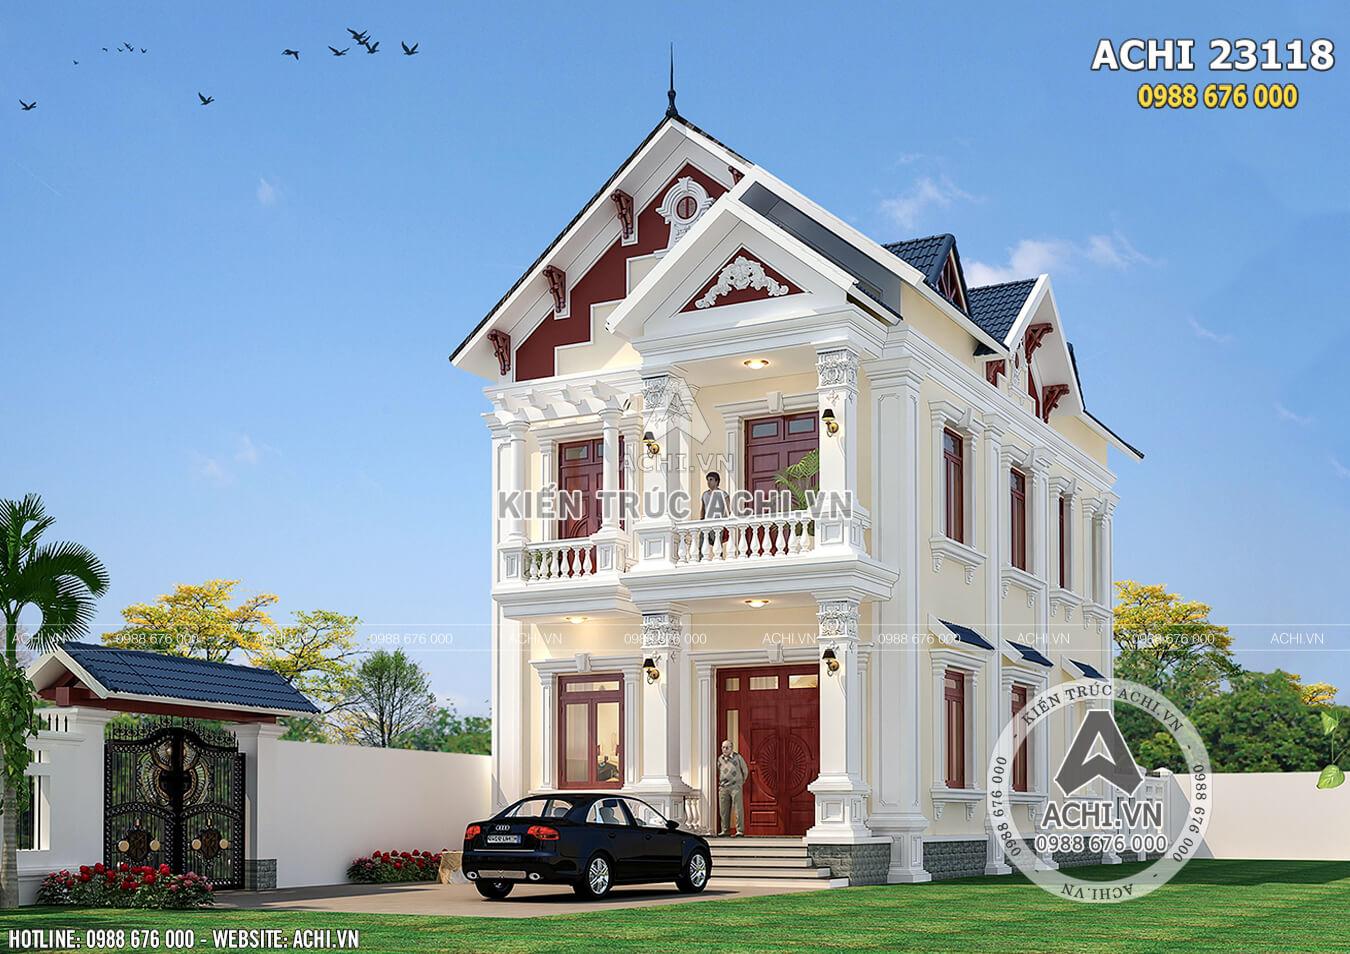 Hình ảnh: Một góc view của biệt thự 2 tầng tân cổ điển tại Thanh Hóa – ACHI 23118